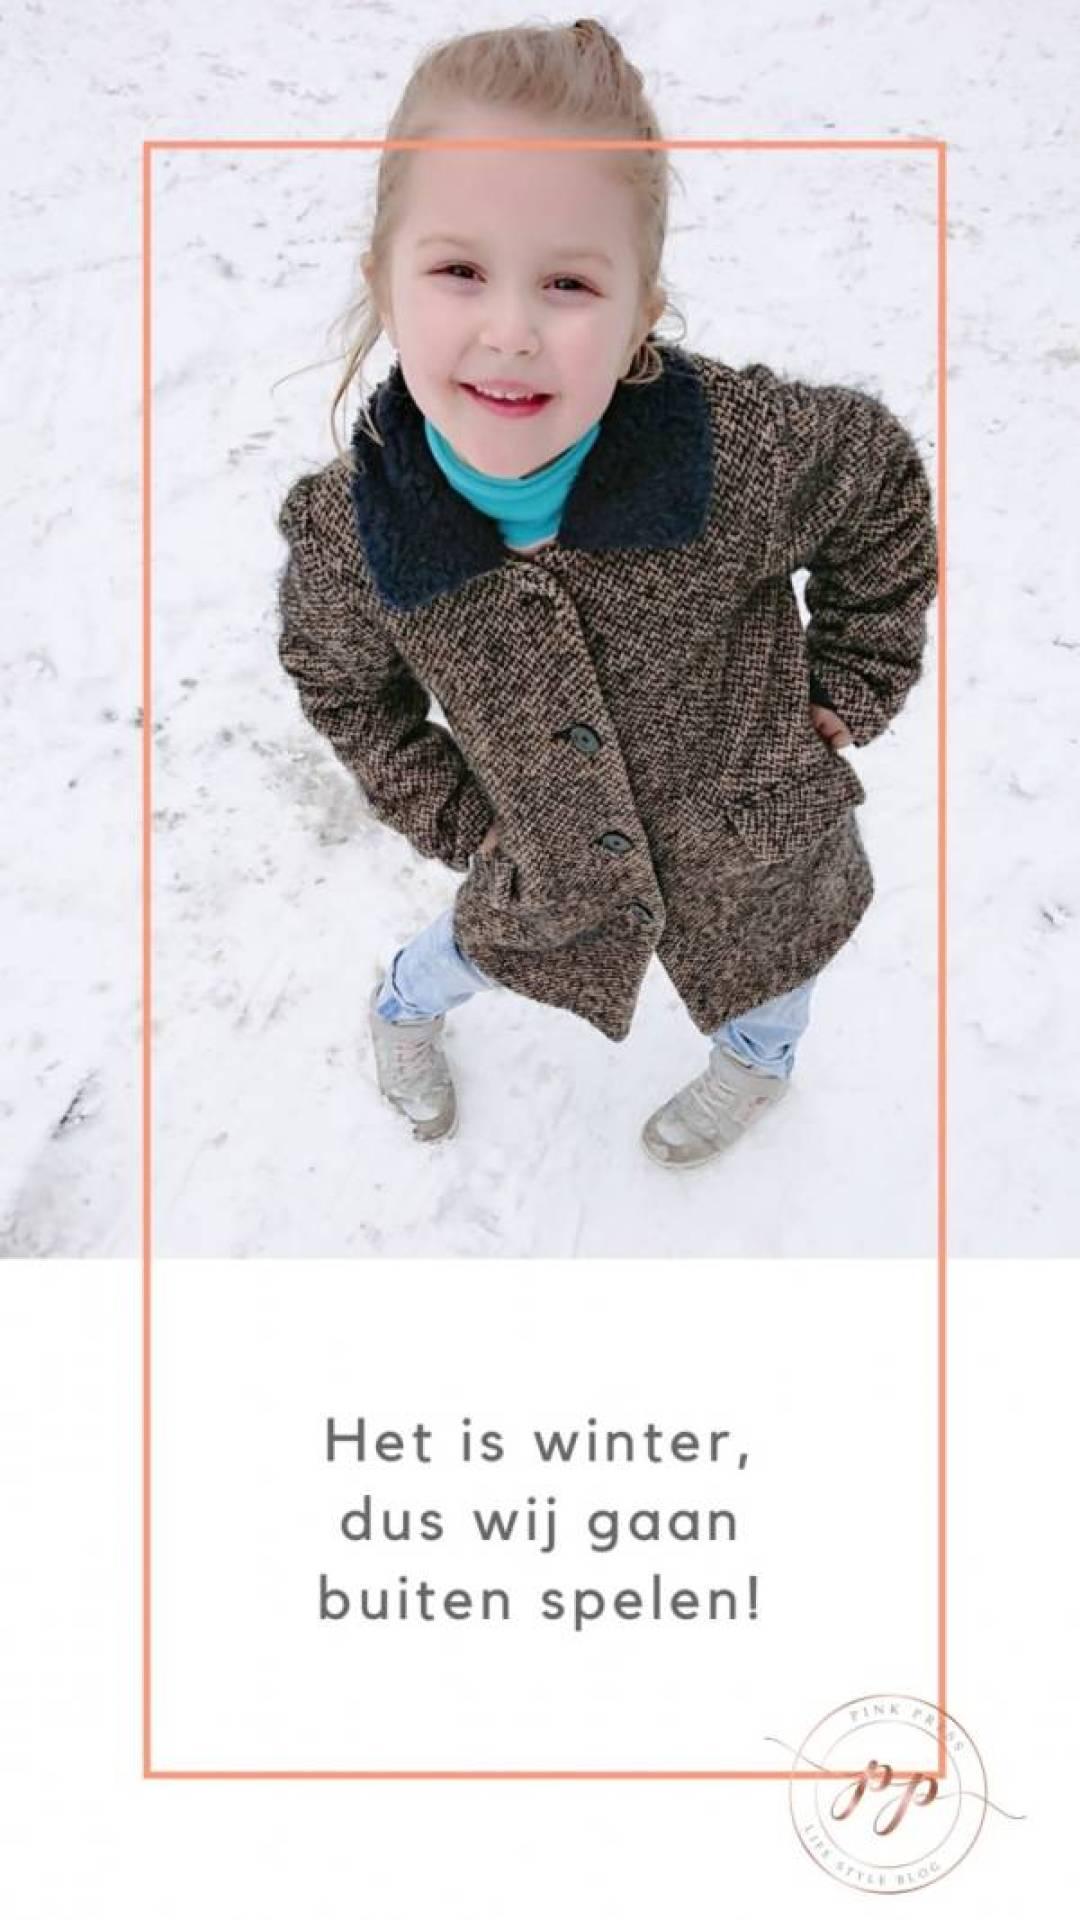 Het is winter dus wij gaan buiten spelen - Het is winter, dus wij gaan buiten spelen!